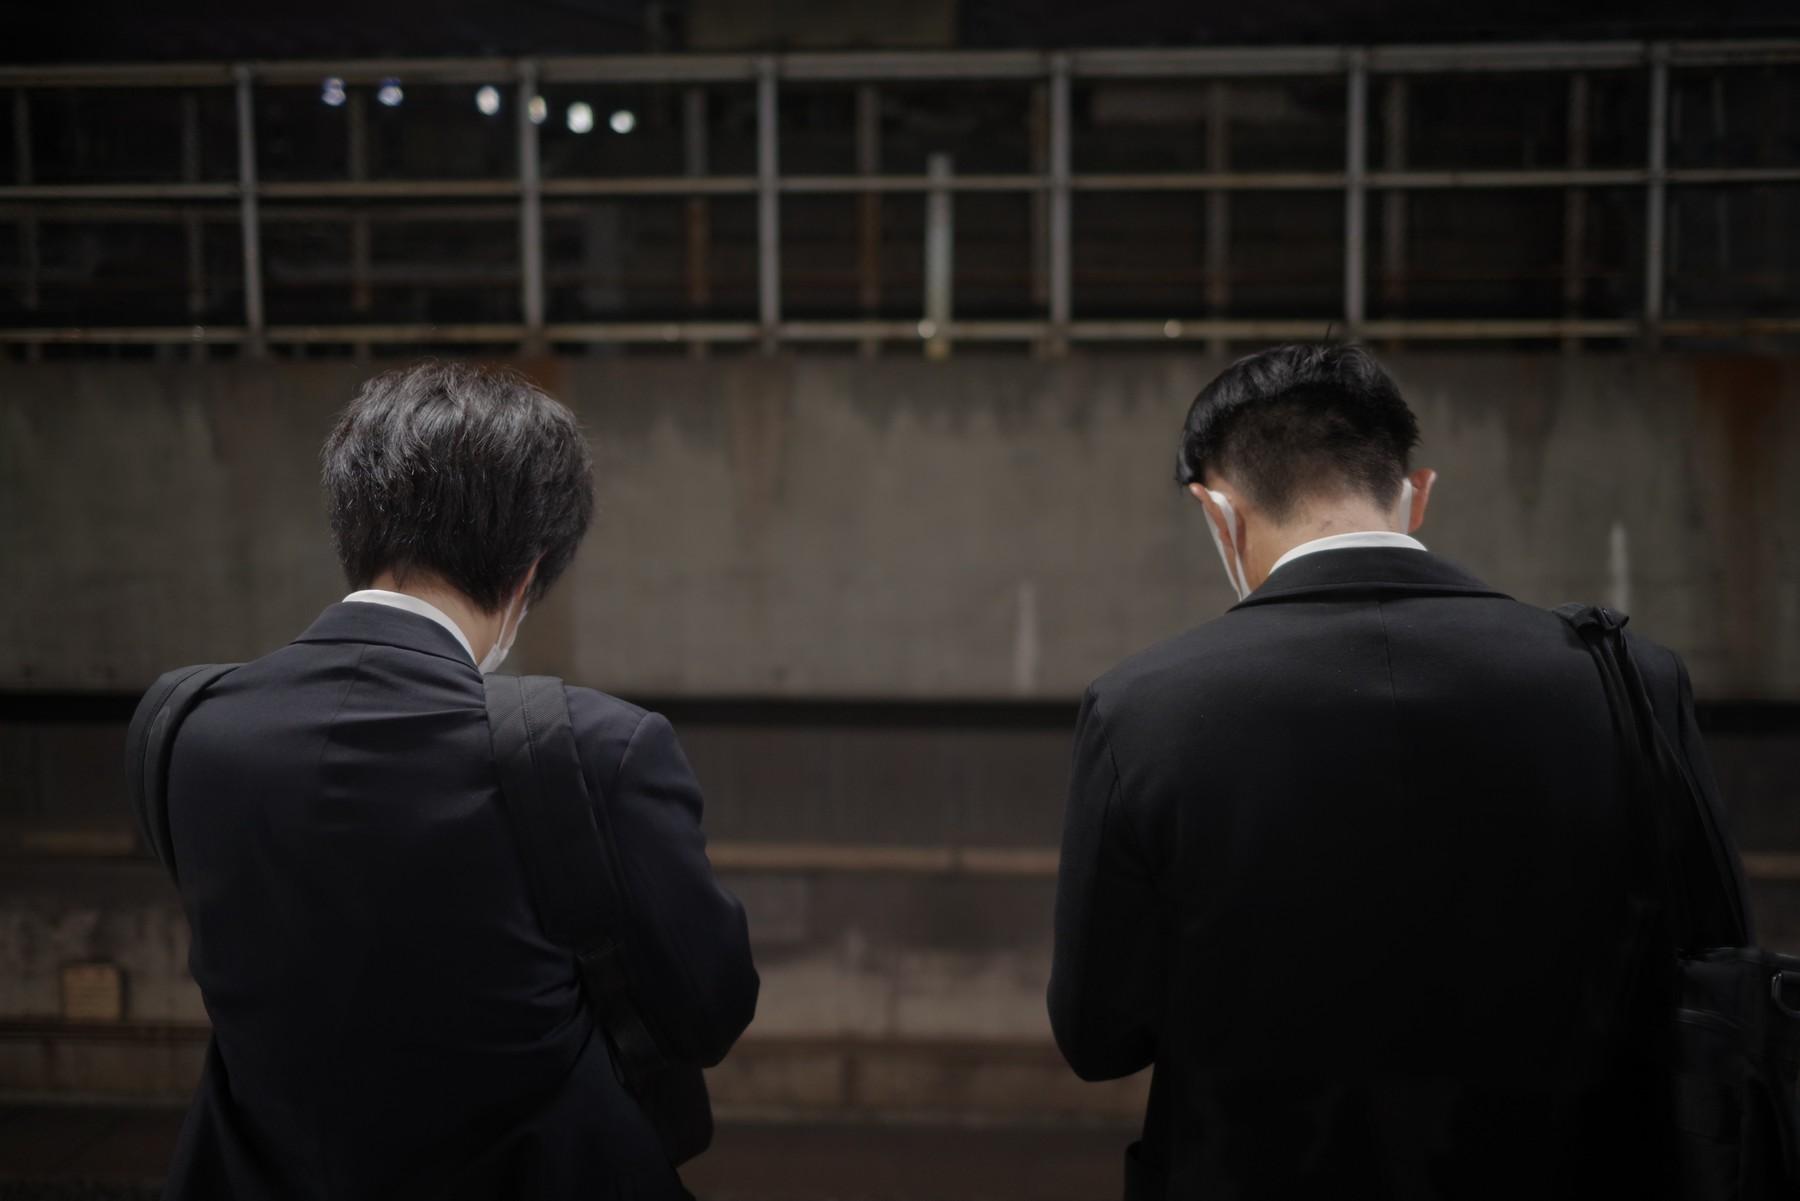 駅のホームに並ぶ会社帰りのサラリーマンの作例写真